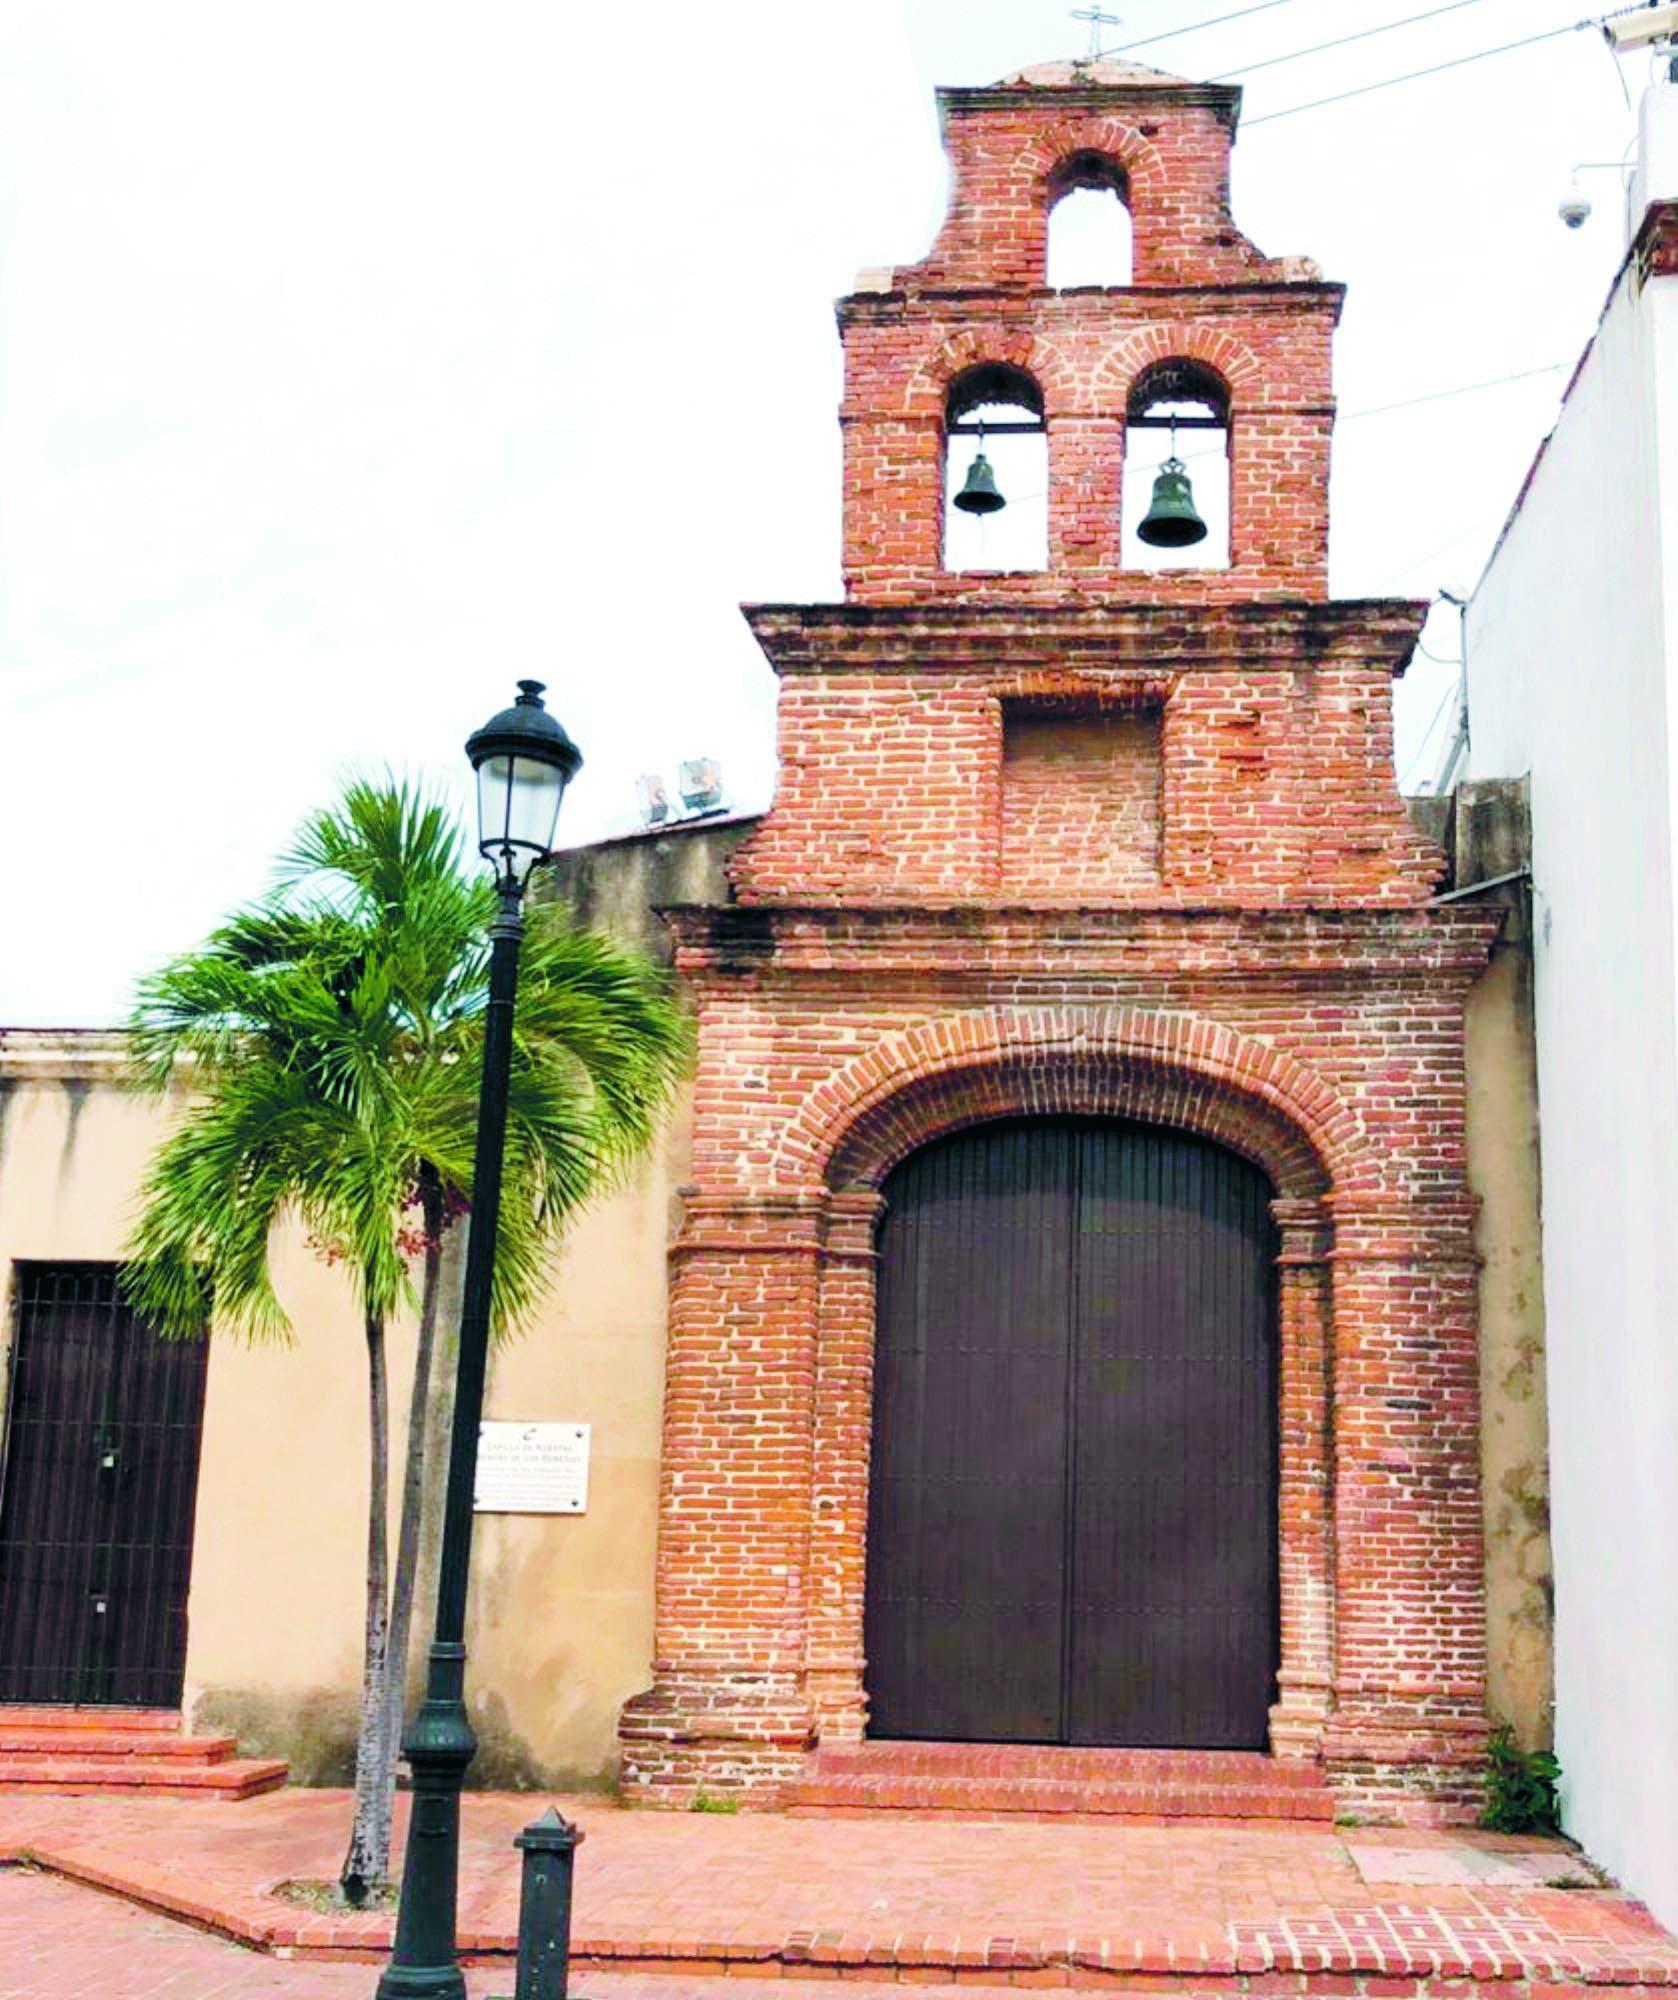 La antigua capilla del mayorazgo de Dávila es conocida como Santa María de los Remedios